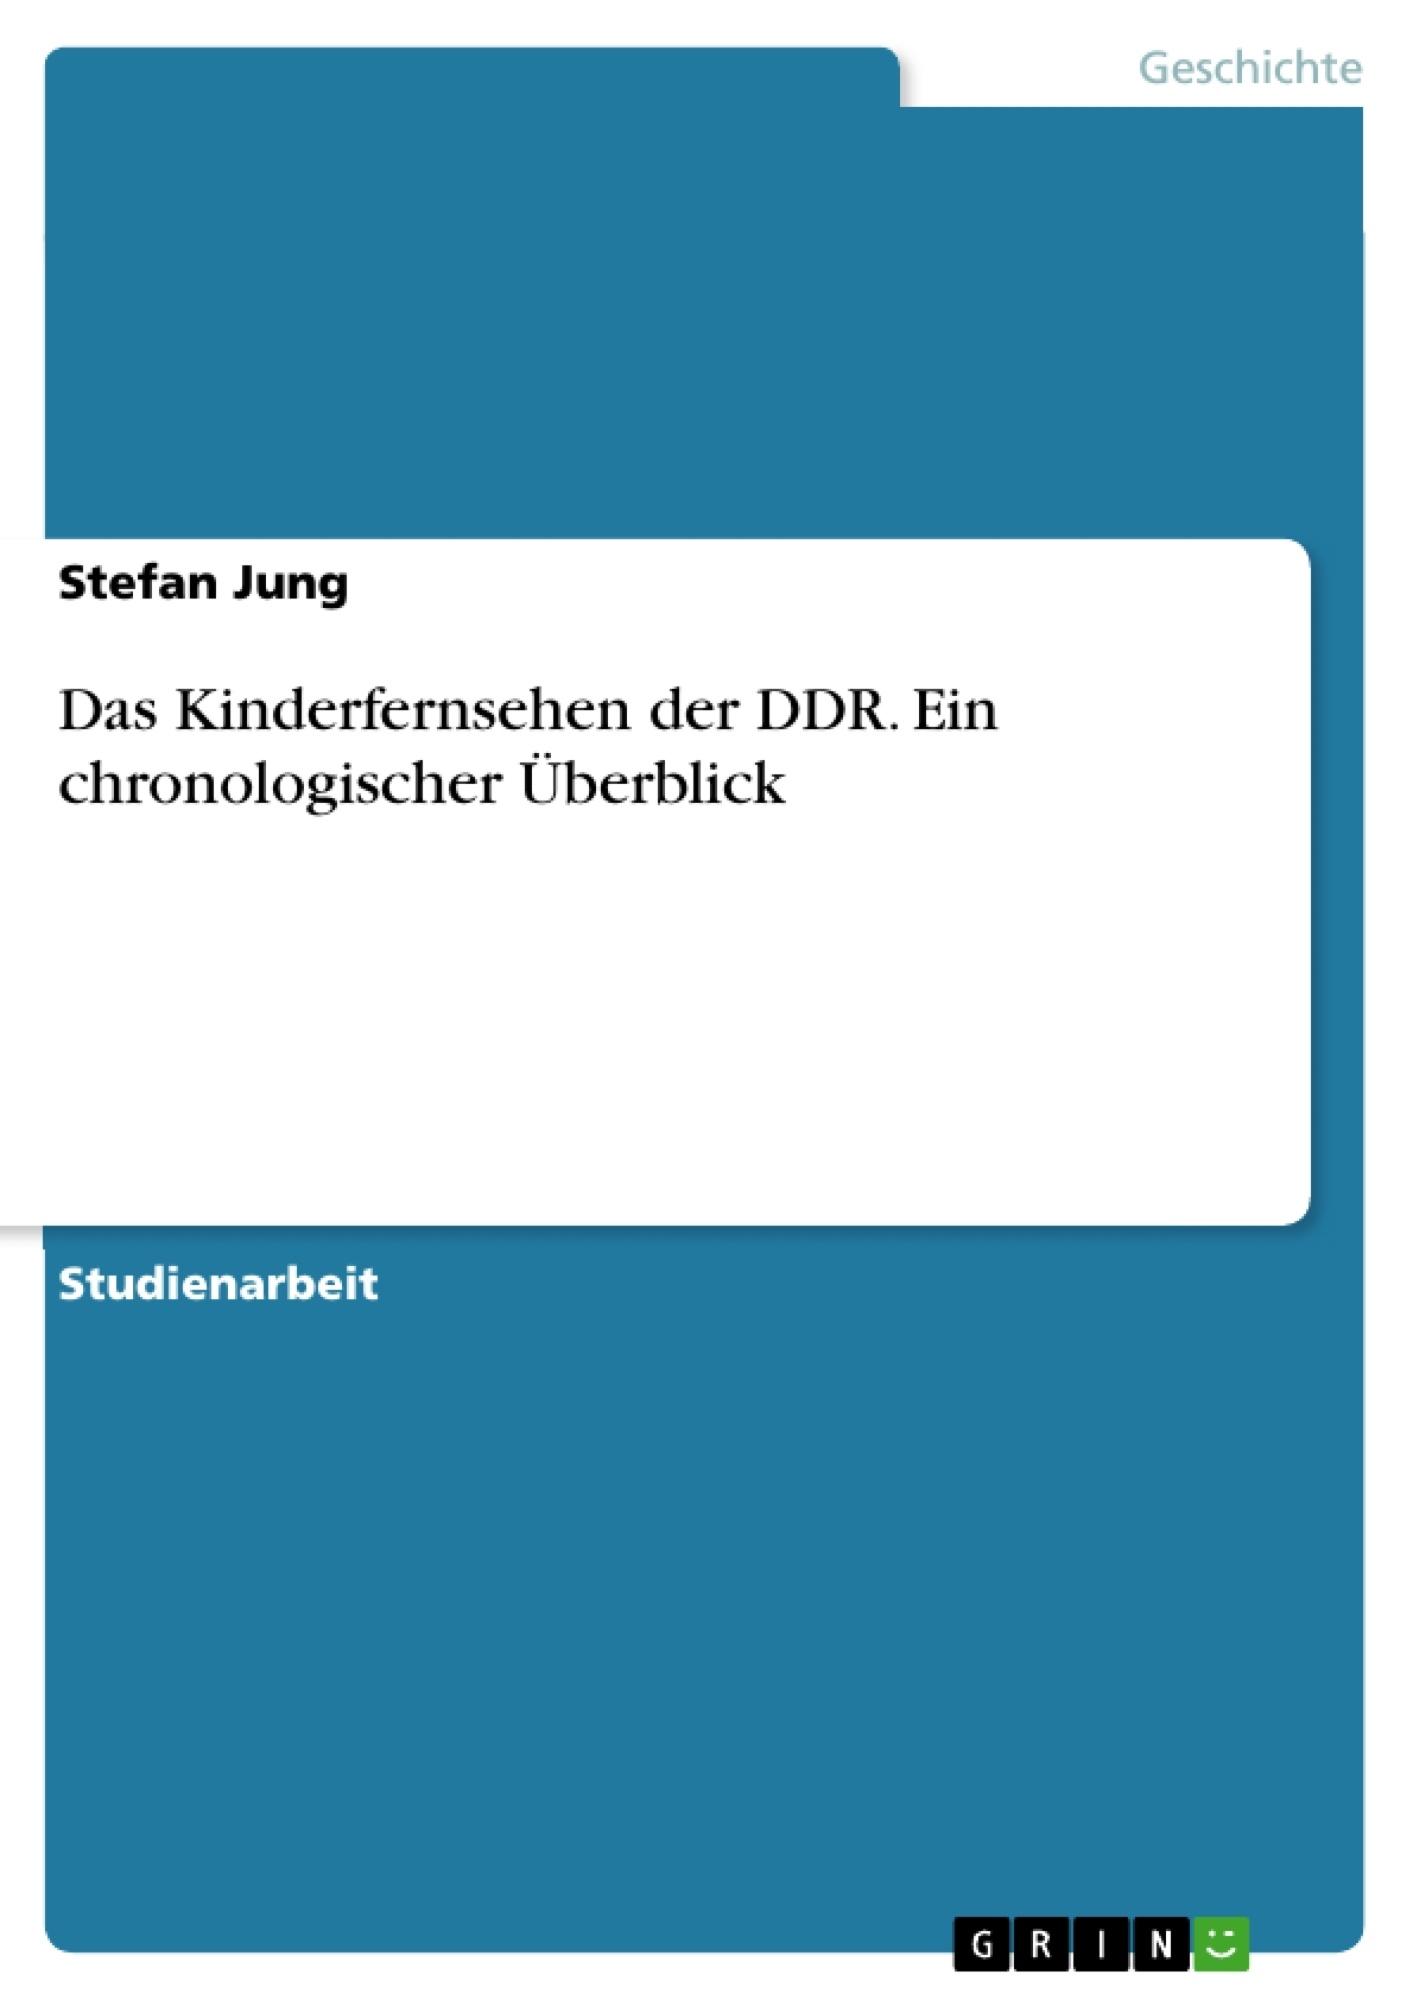 Titel: Das Kinderfernsehen der DDR. Ein chronologischer Überblick